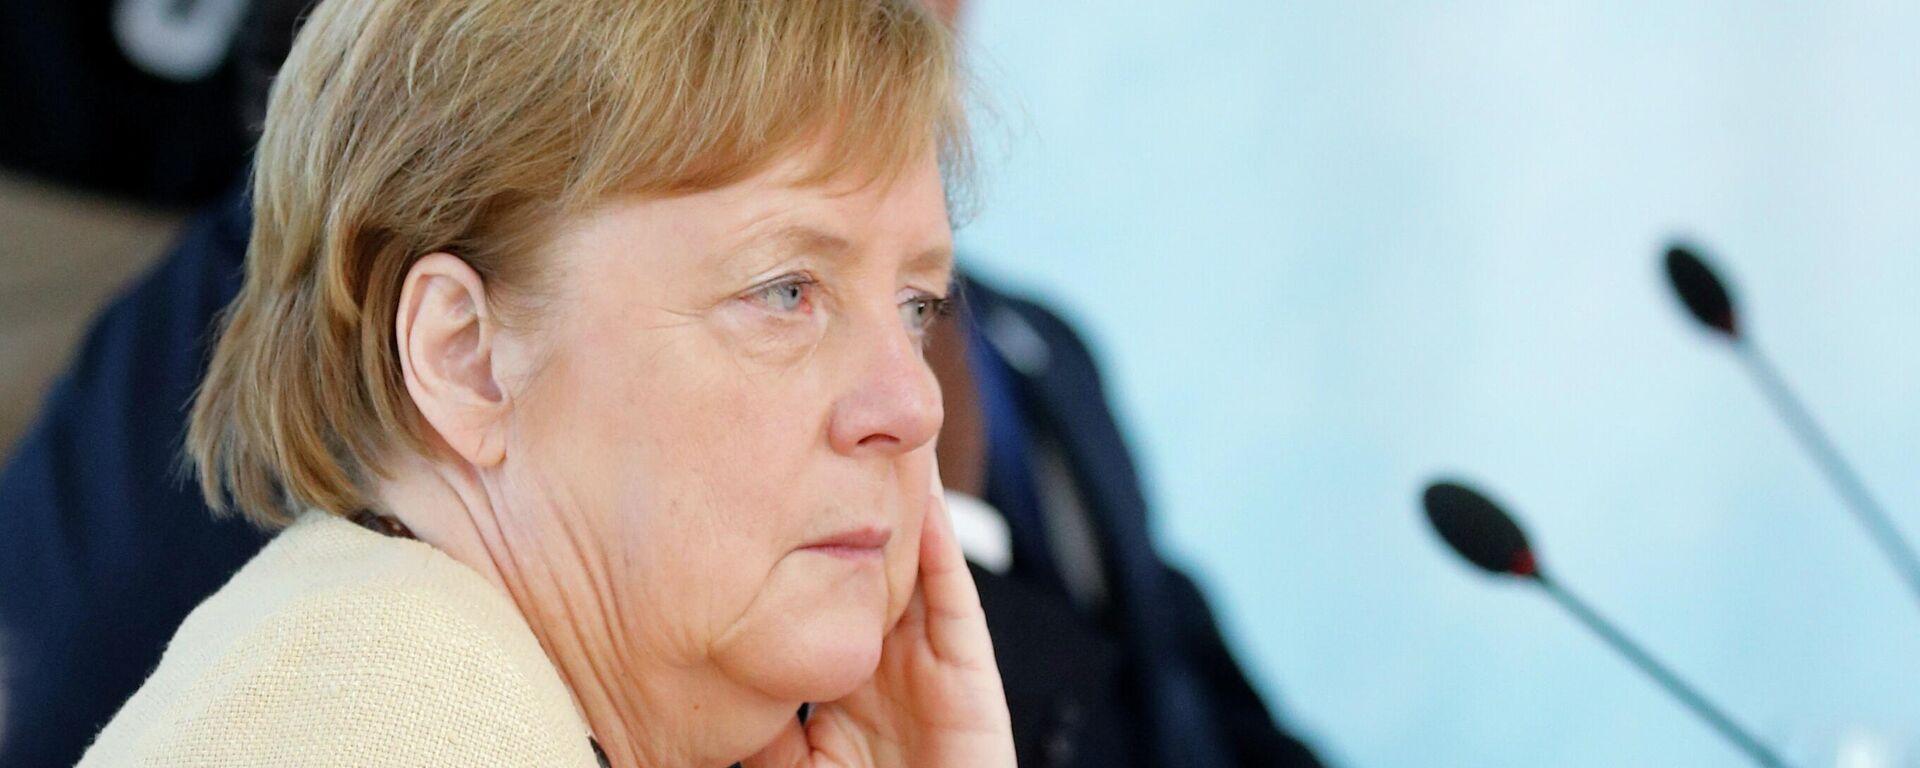 Angela Merkel, la canciller alemana - Sputnik Mundo, 1920, 18.06.2021